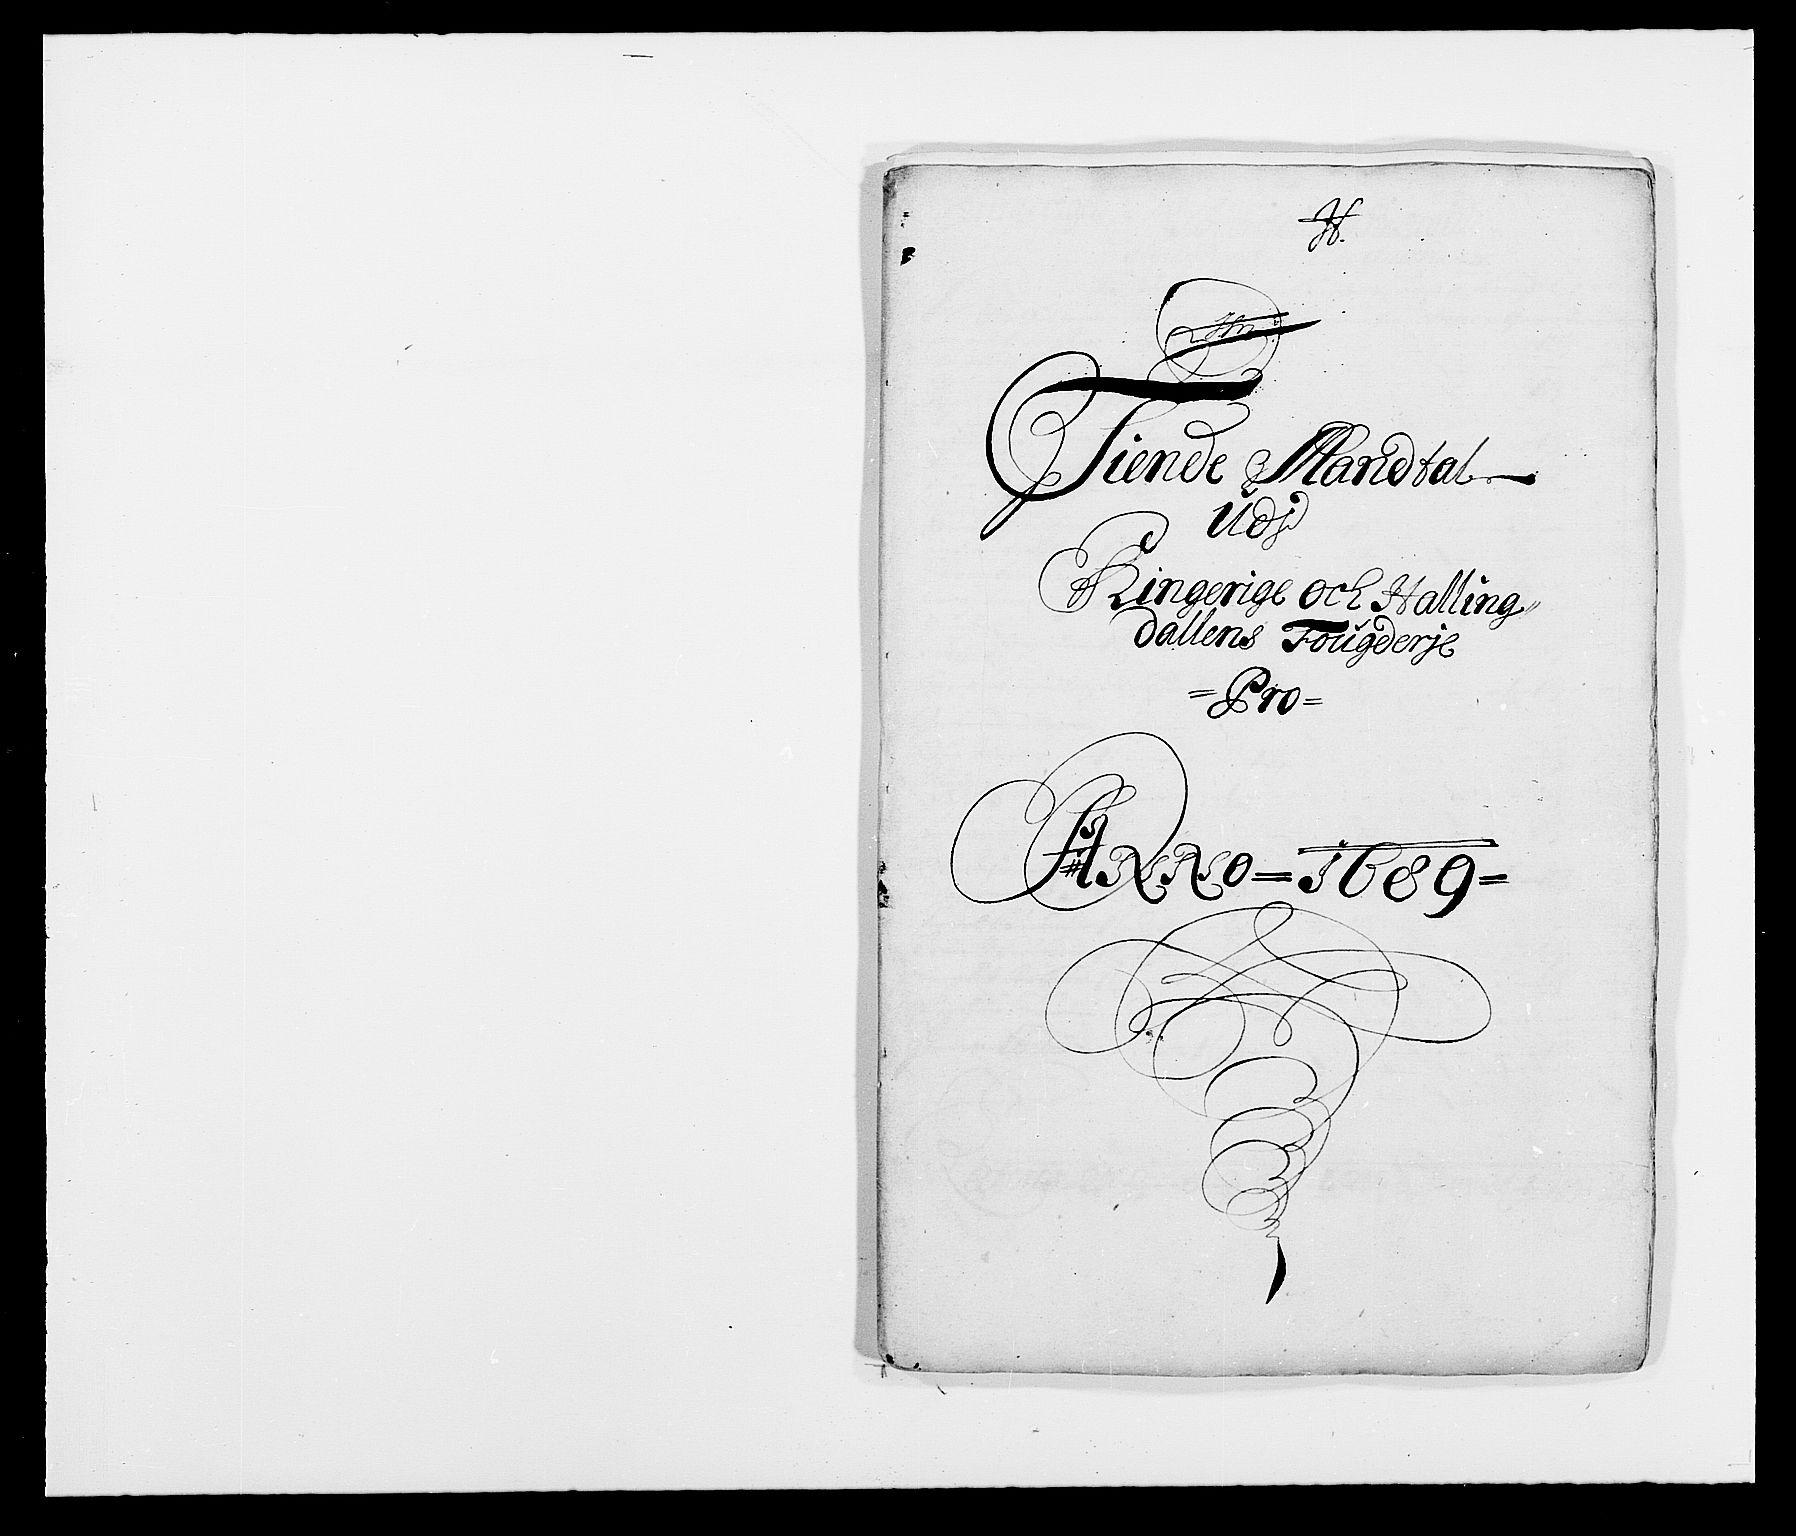 RA, Rentekammeret inntil 1814, Reviderte regnskaper, Fogderegnskap, R21/L1447: Fogderegnskap Ringerike og Hallingdal, 1687-1689, s. 340